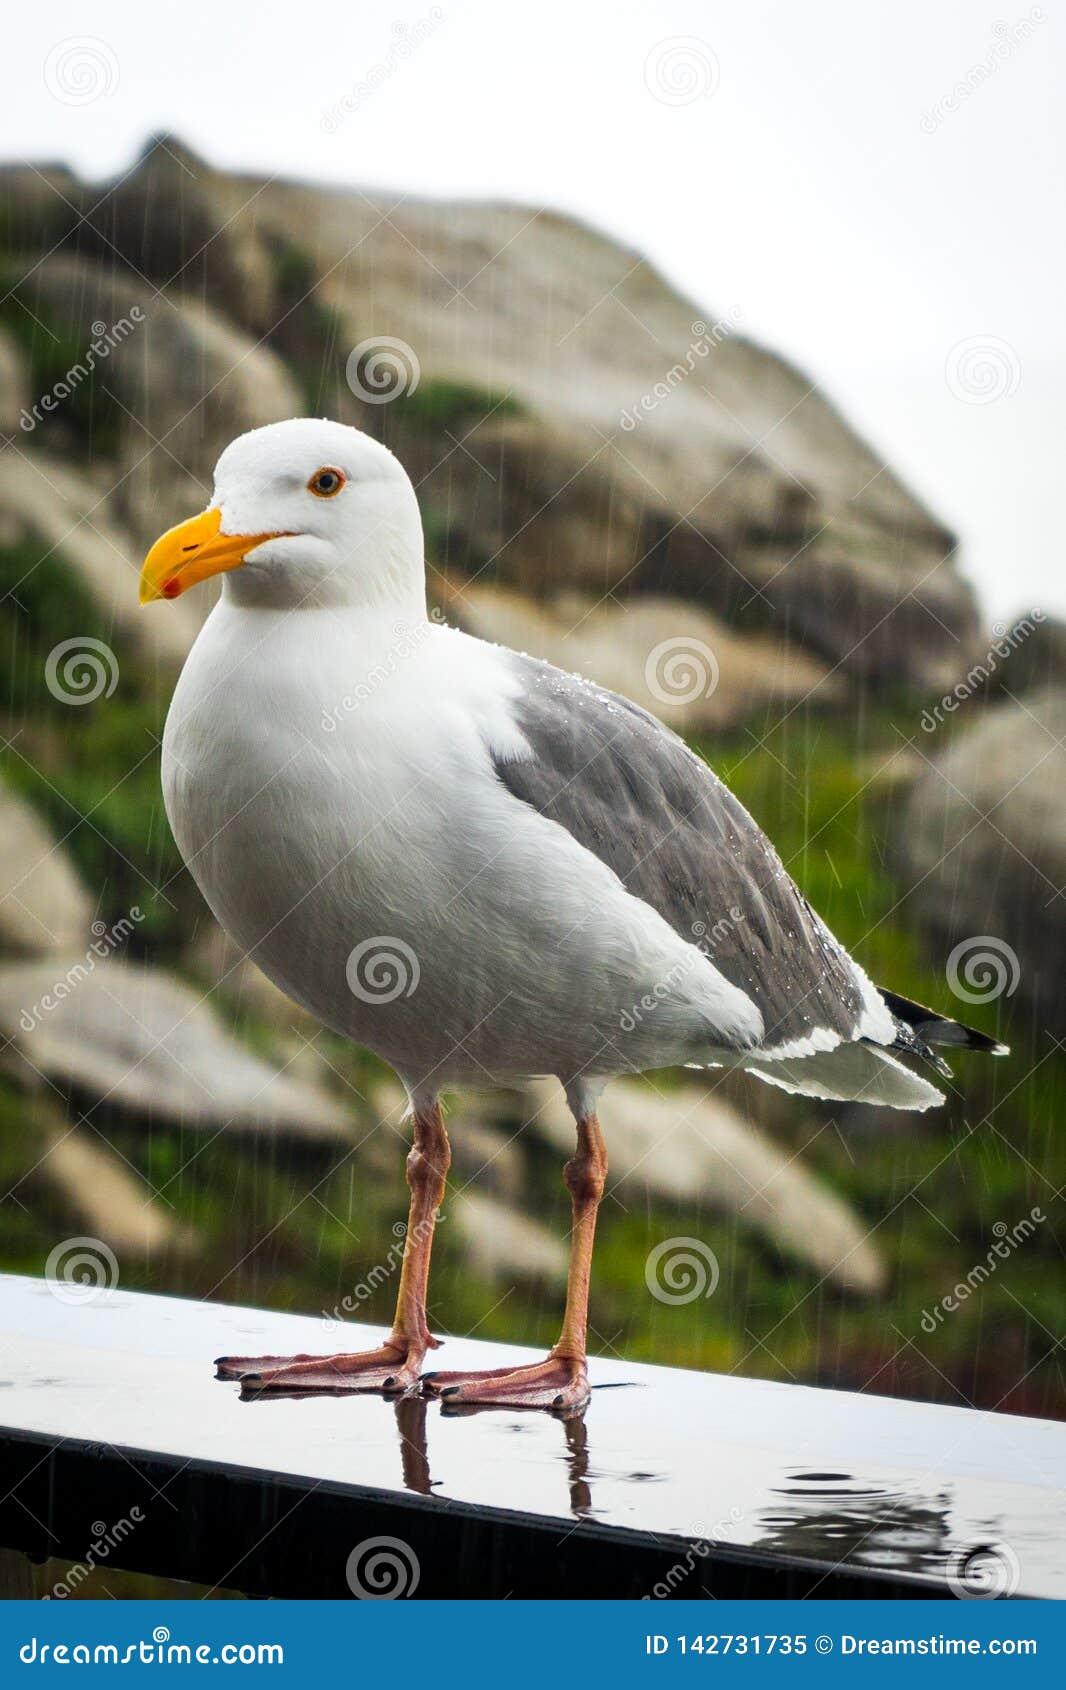 Seagull under the rain in Sonoma Coast State Park